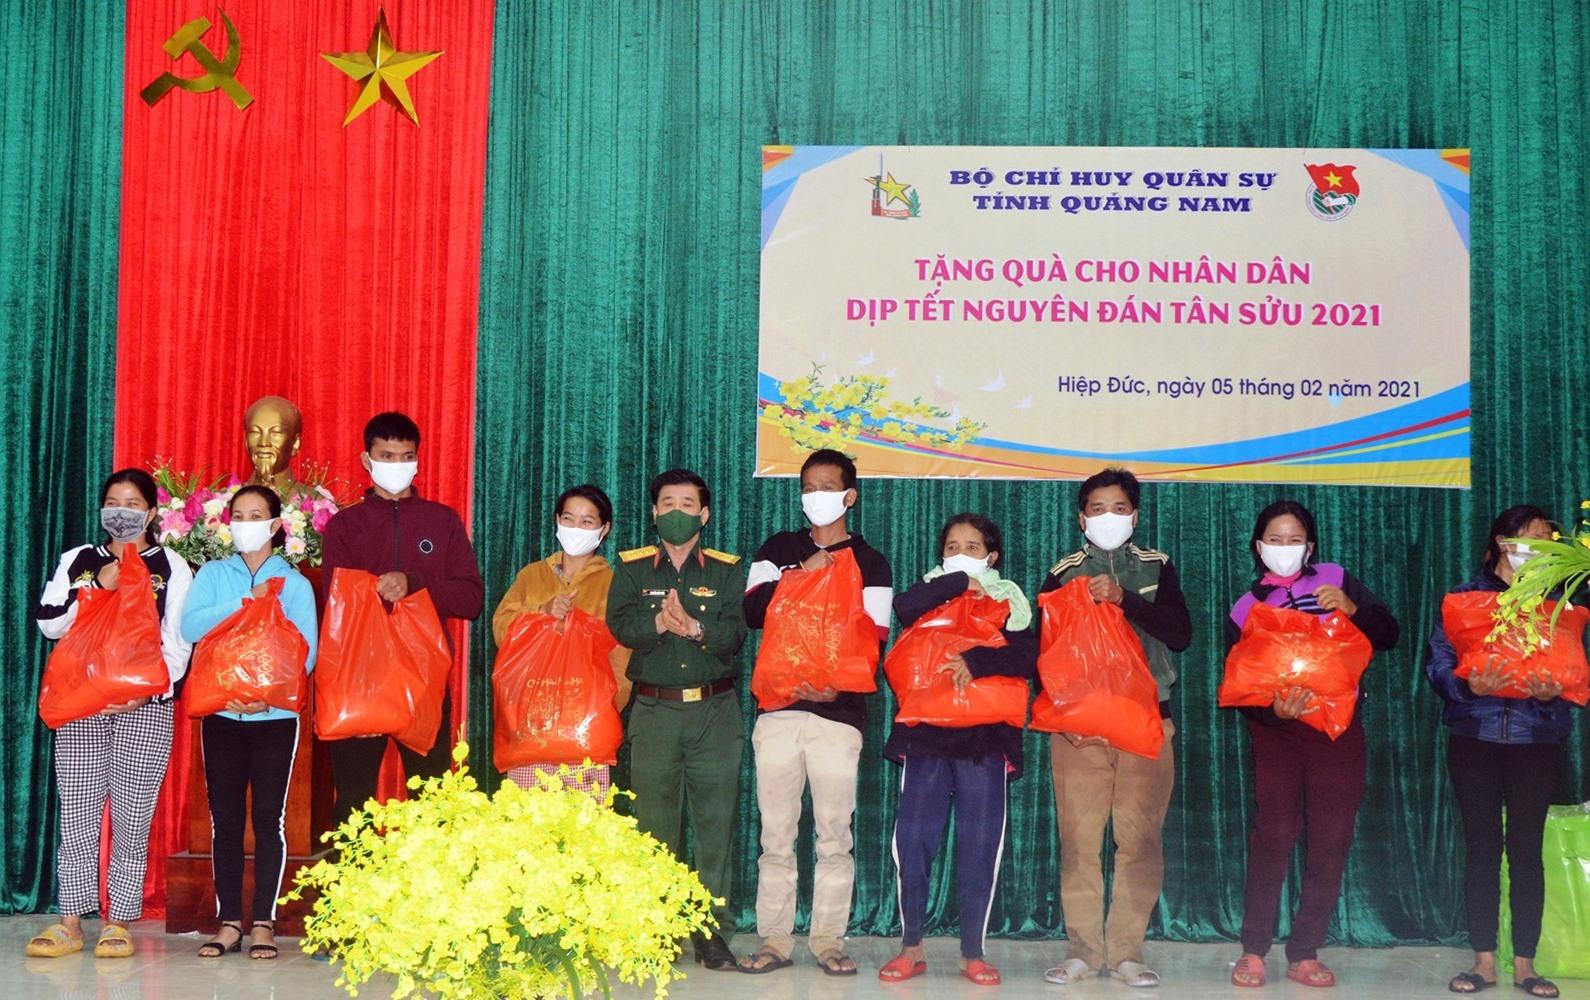 Đại tá Nguyễn Hữu Thức, Phó Chính ủy tặng quà tết cho nhân dân Hiệp Đức.